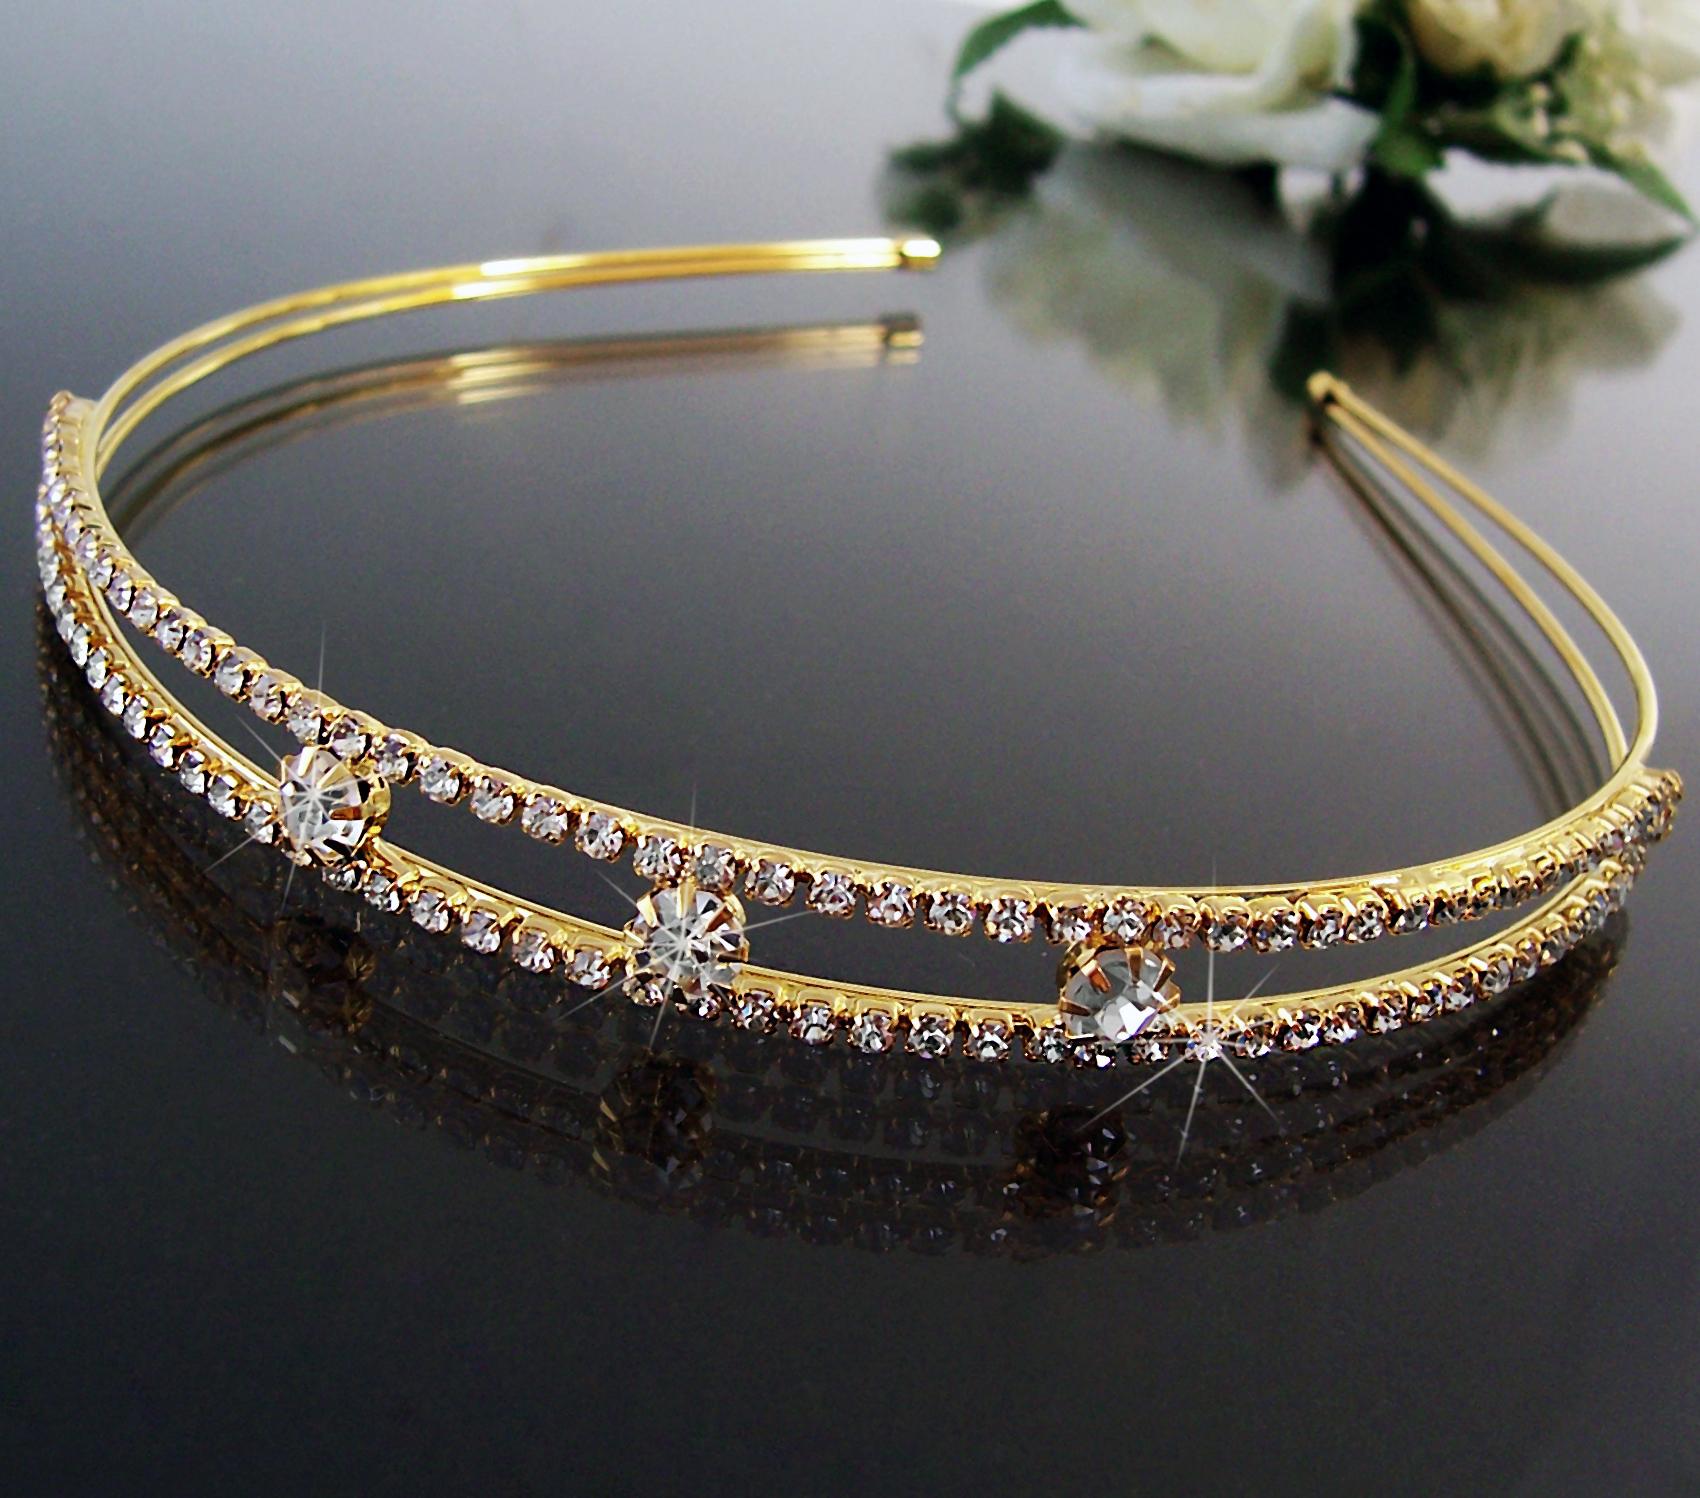 Tiara Diadem Haarreif 11mm Kommunion Hochzeit Schmuck Braut Gold Strass H1632